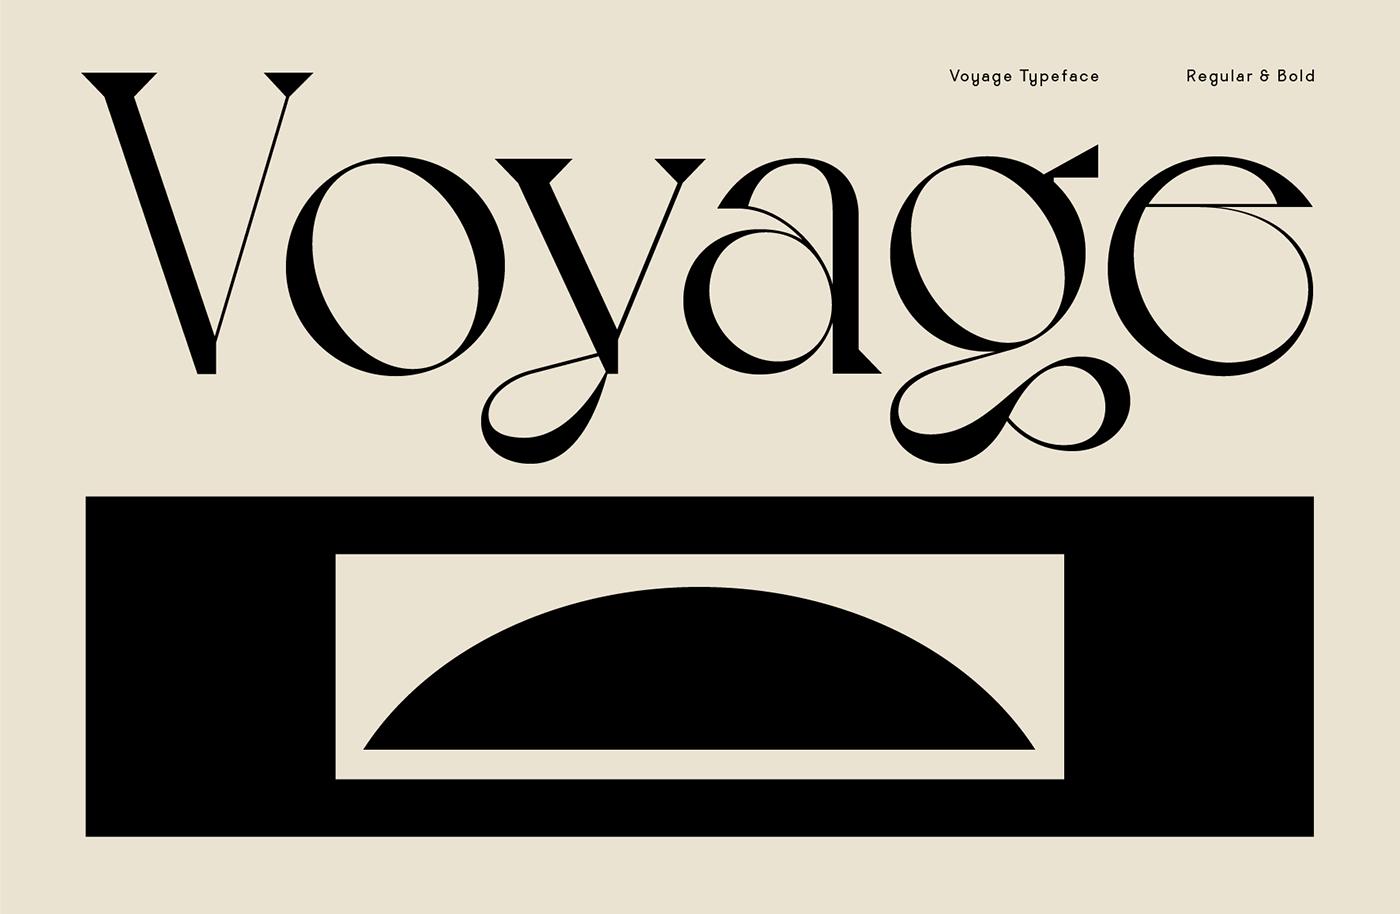 [单独购买] 10套潮流逆反差酸性杂志标题Logo设计VJ Type家族英文字体合集 VJ Type – Typeface Font Collection插图